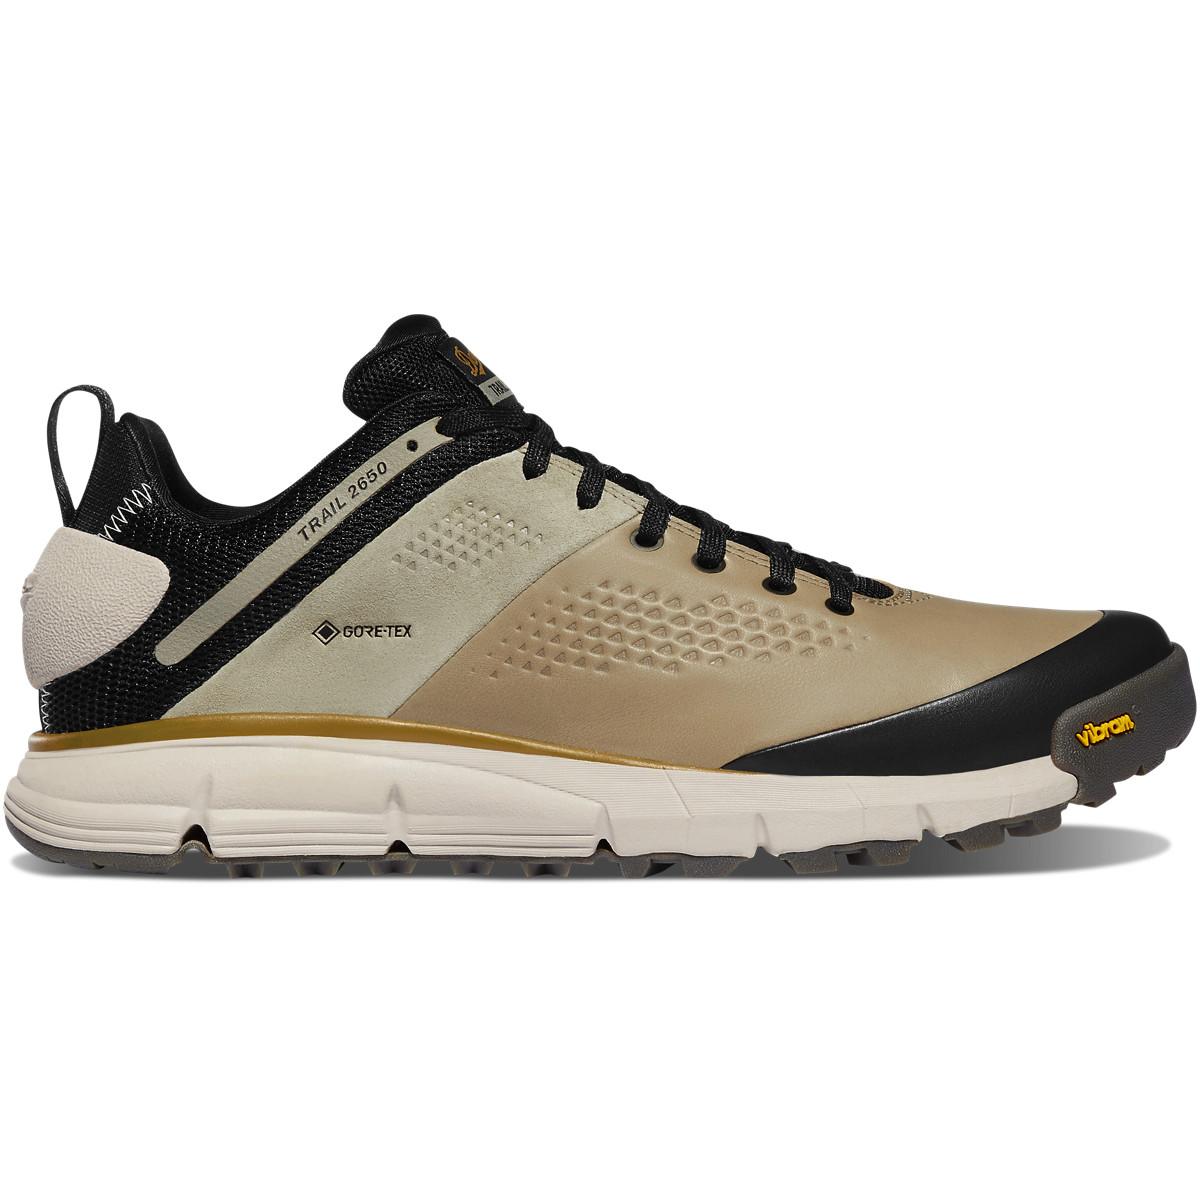 Trail 2650 Tuffet GTX